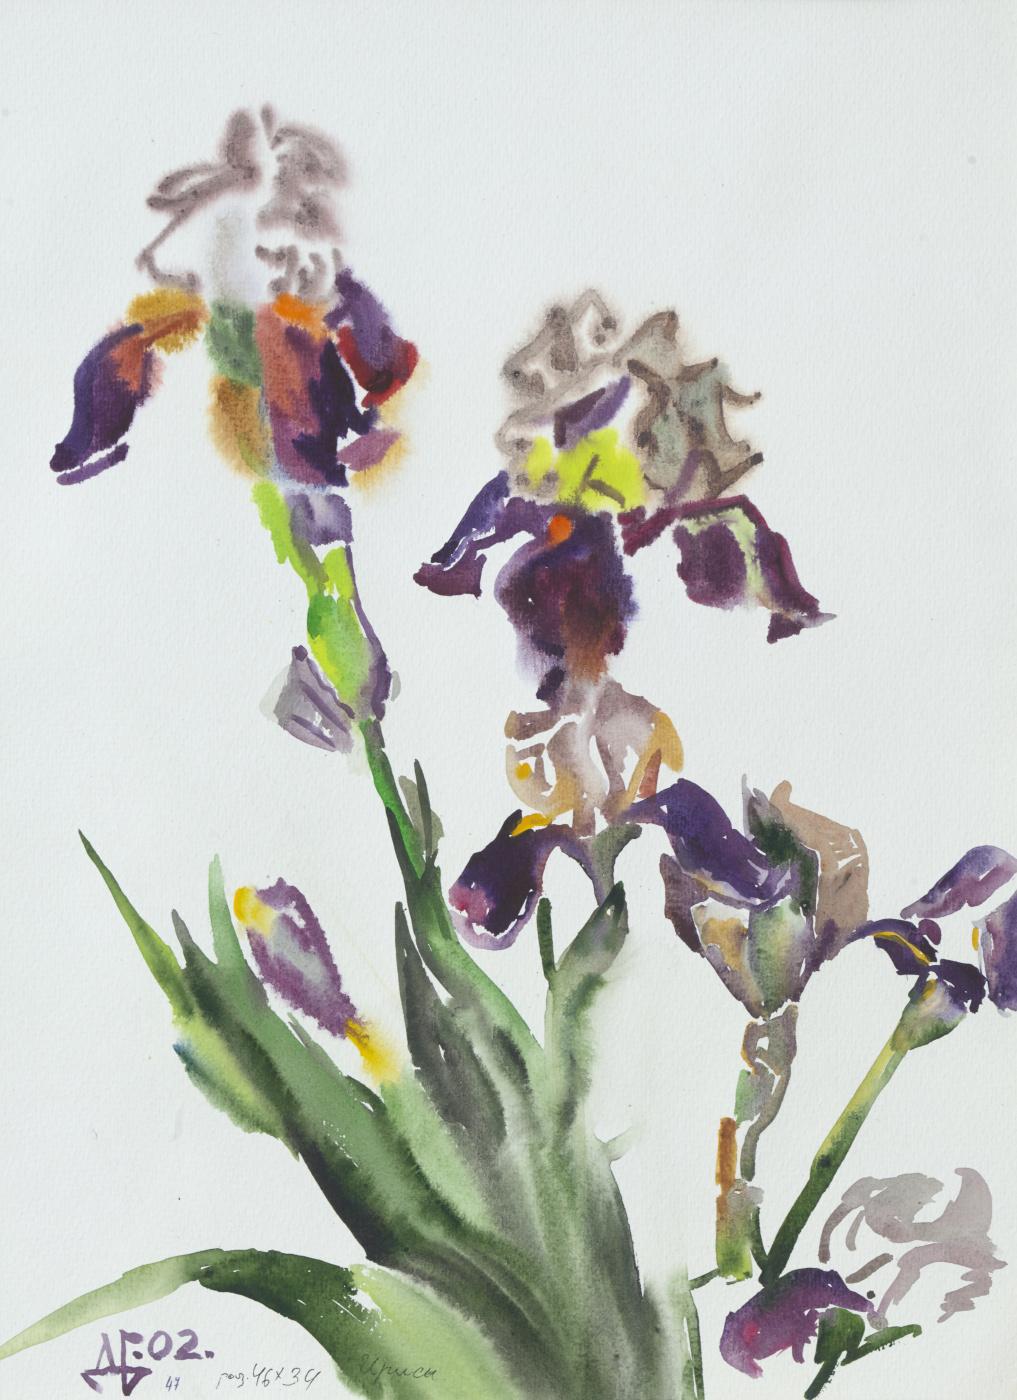 Дурды Байрамович Байрамов. Irises